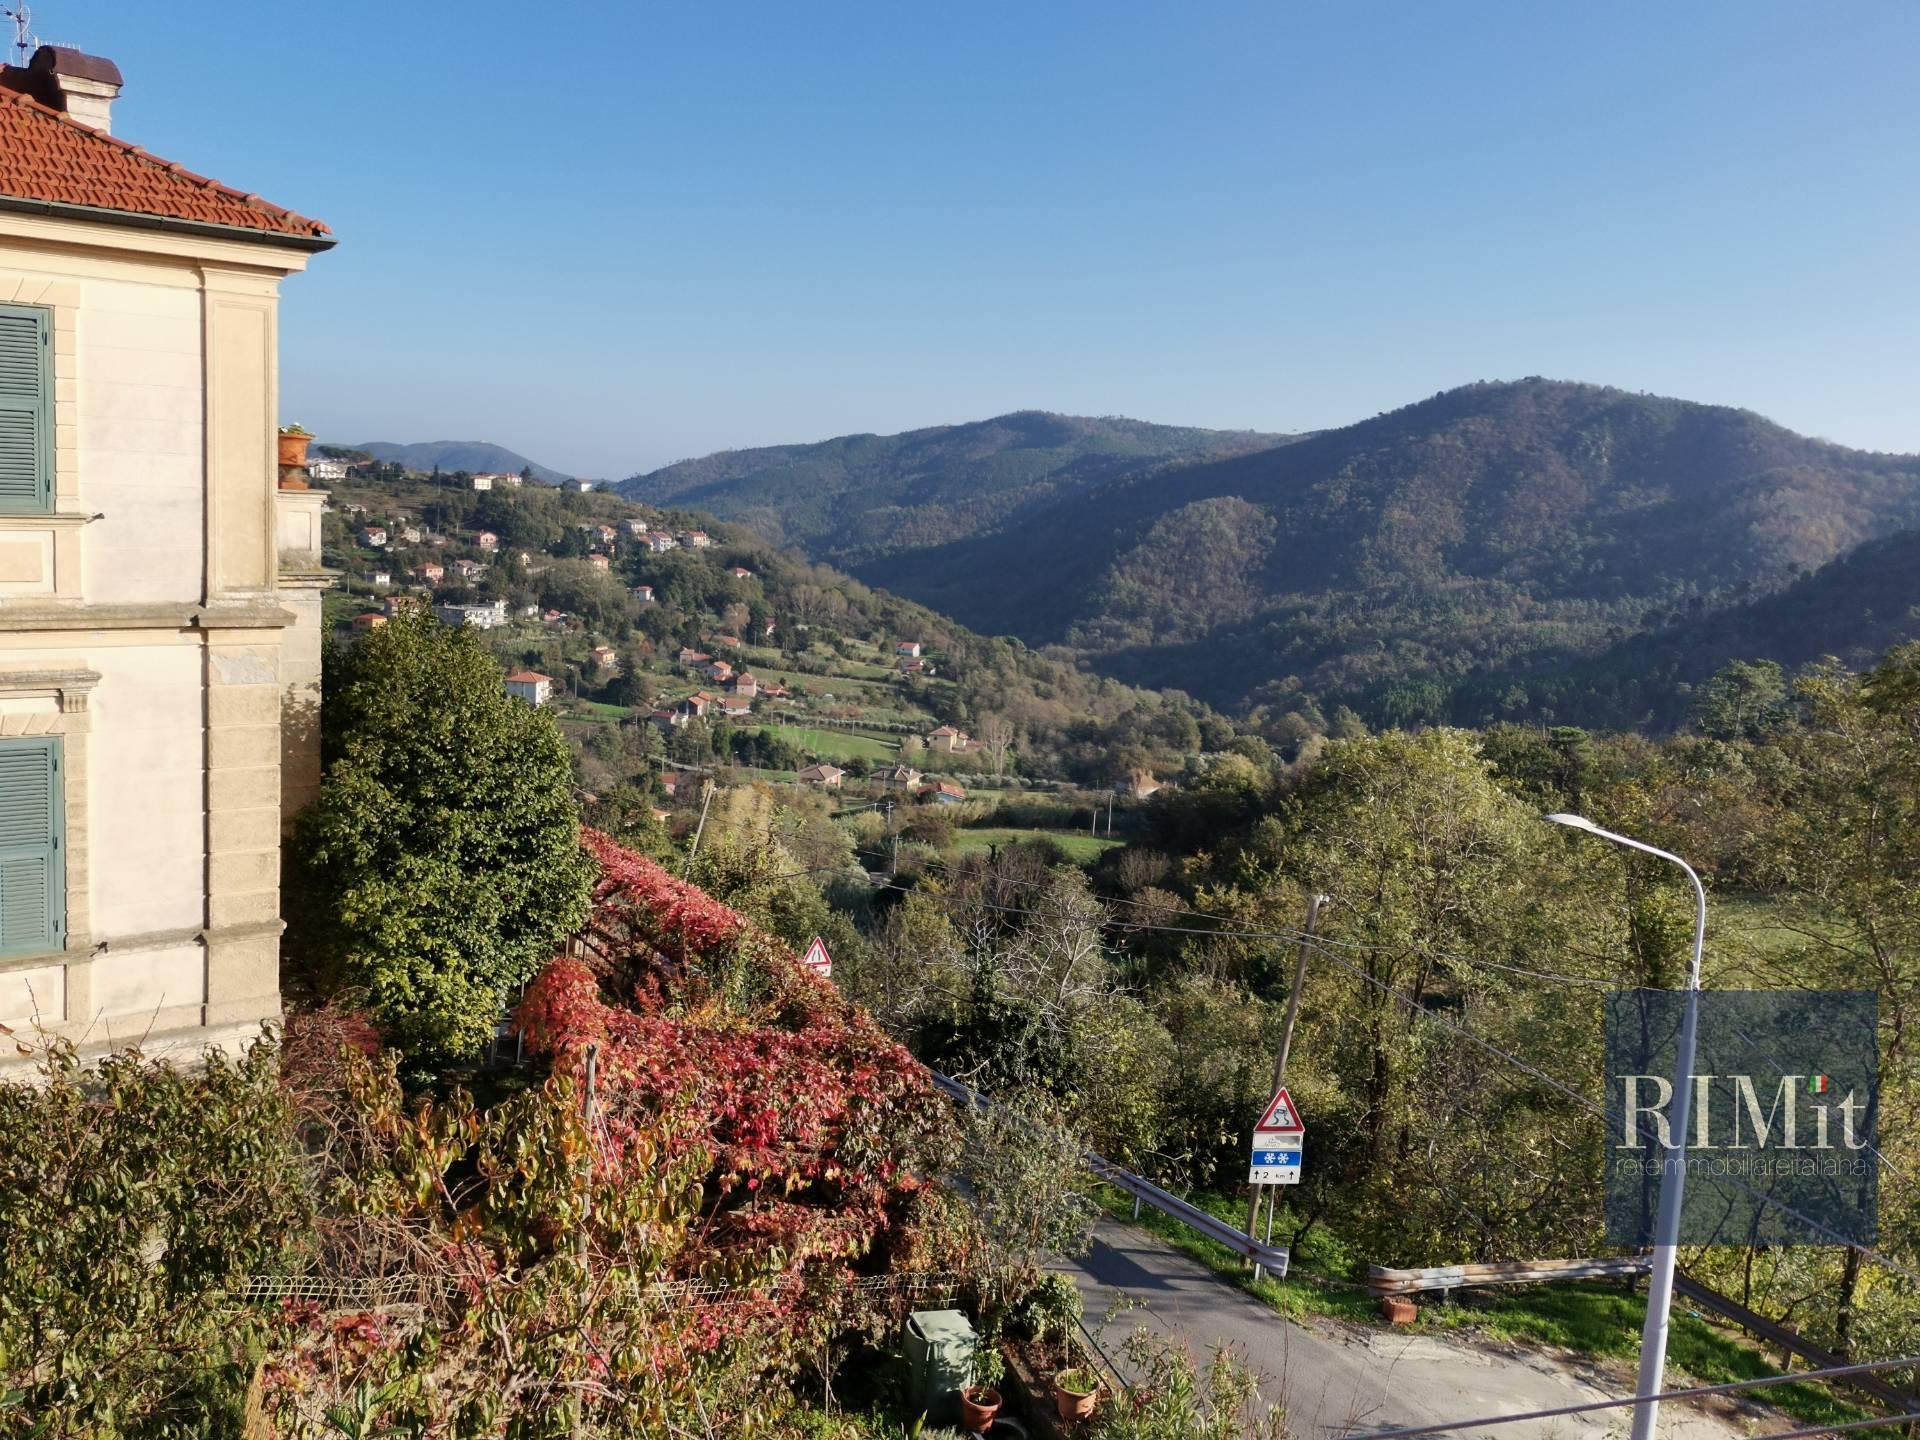 Appartamento in vendita a Stella, 3 locali, zona Località: SanMartino, prezzo € 68.000   PortaleAgenzieImmobiliari.it